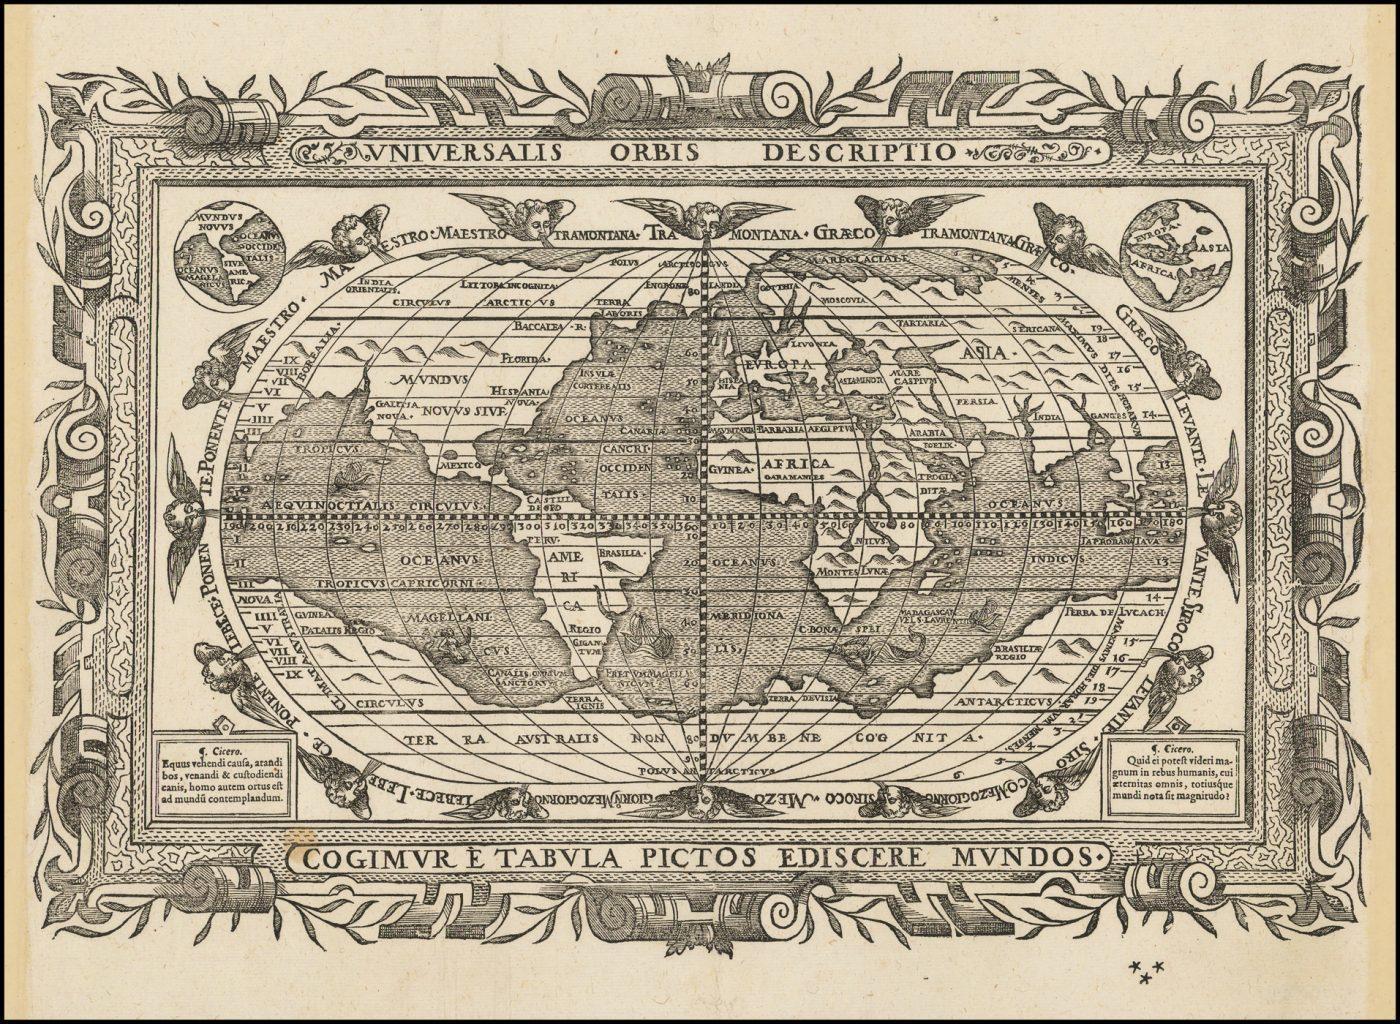 Классически оформленная, смело выгравированная карта мира шестнадцатого века